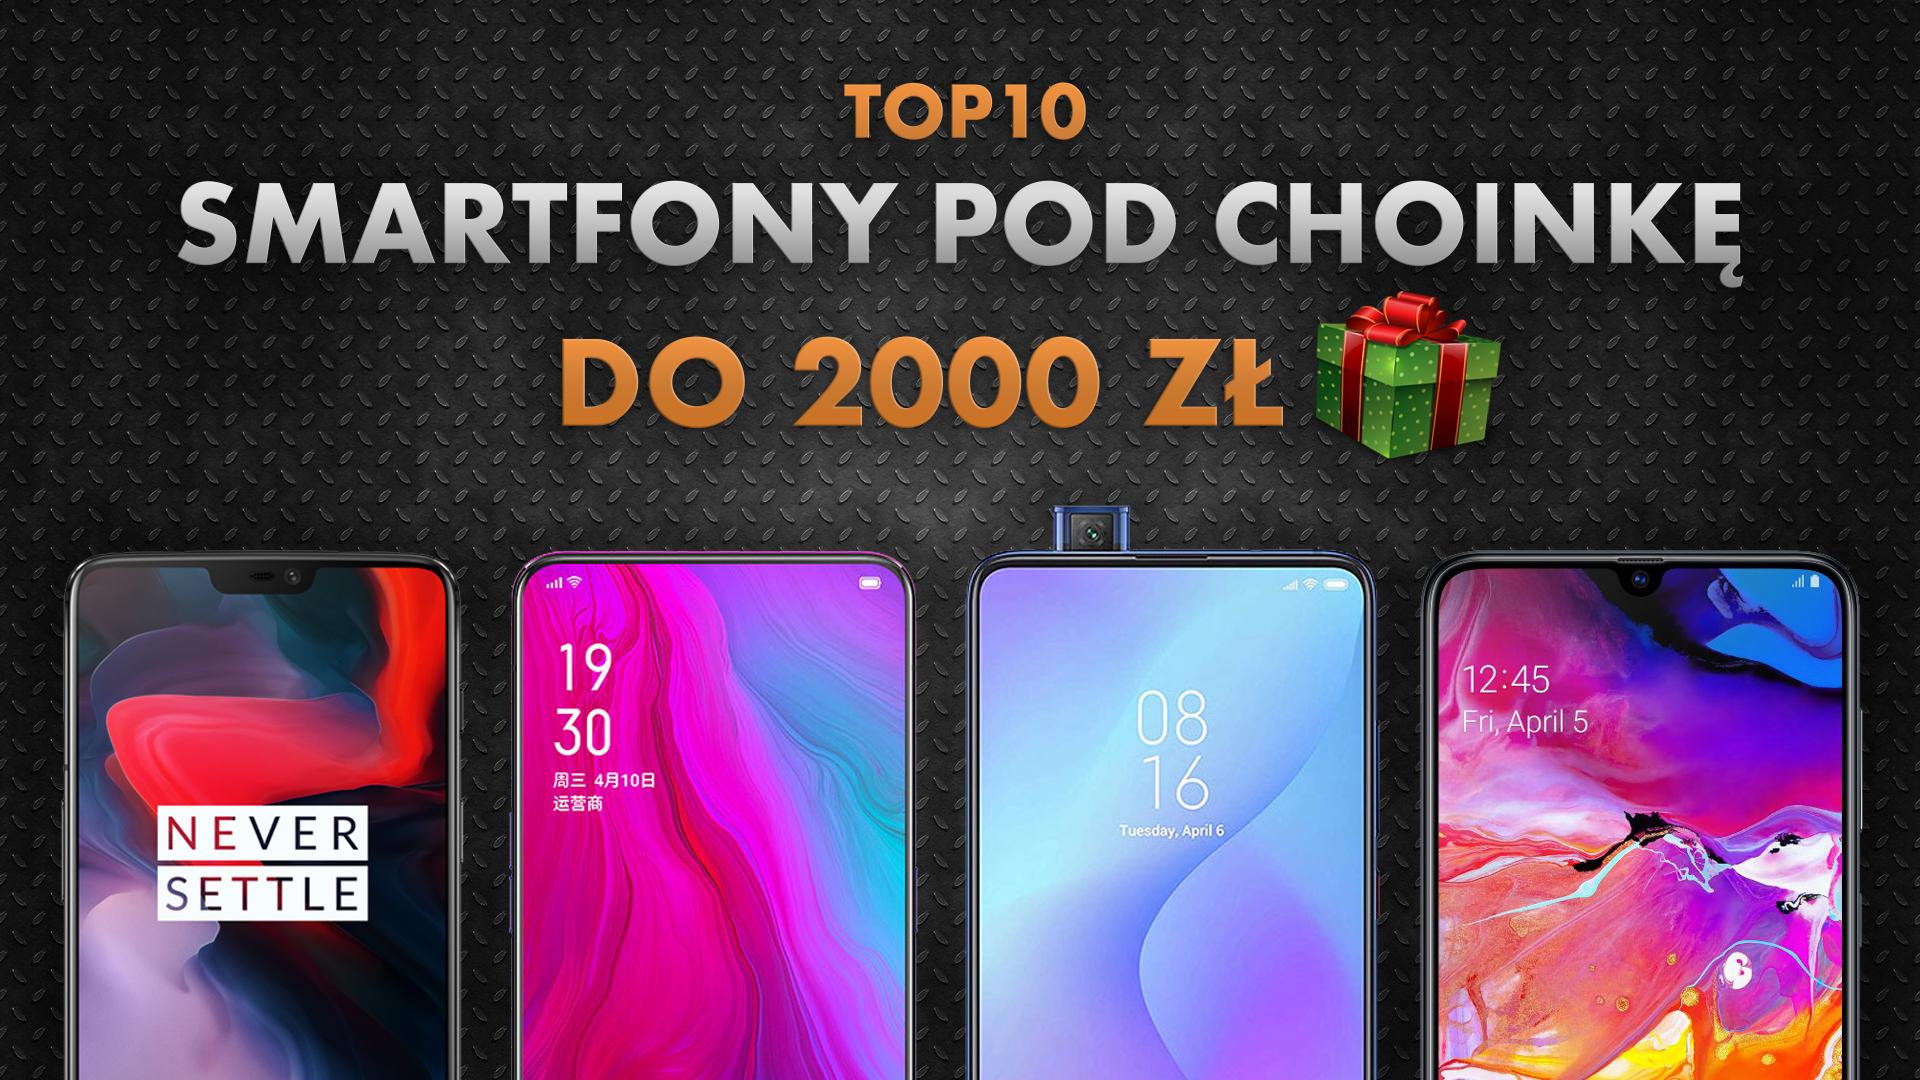 Najlepsze smartfony pod choinkę do 2000 zł | NASZE TOP 10